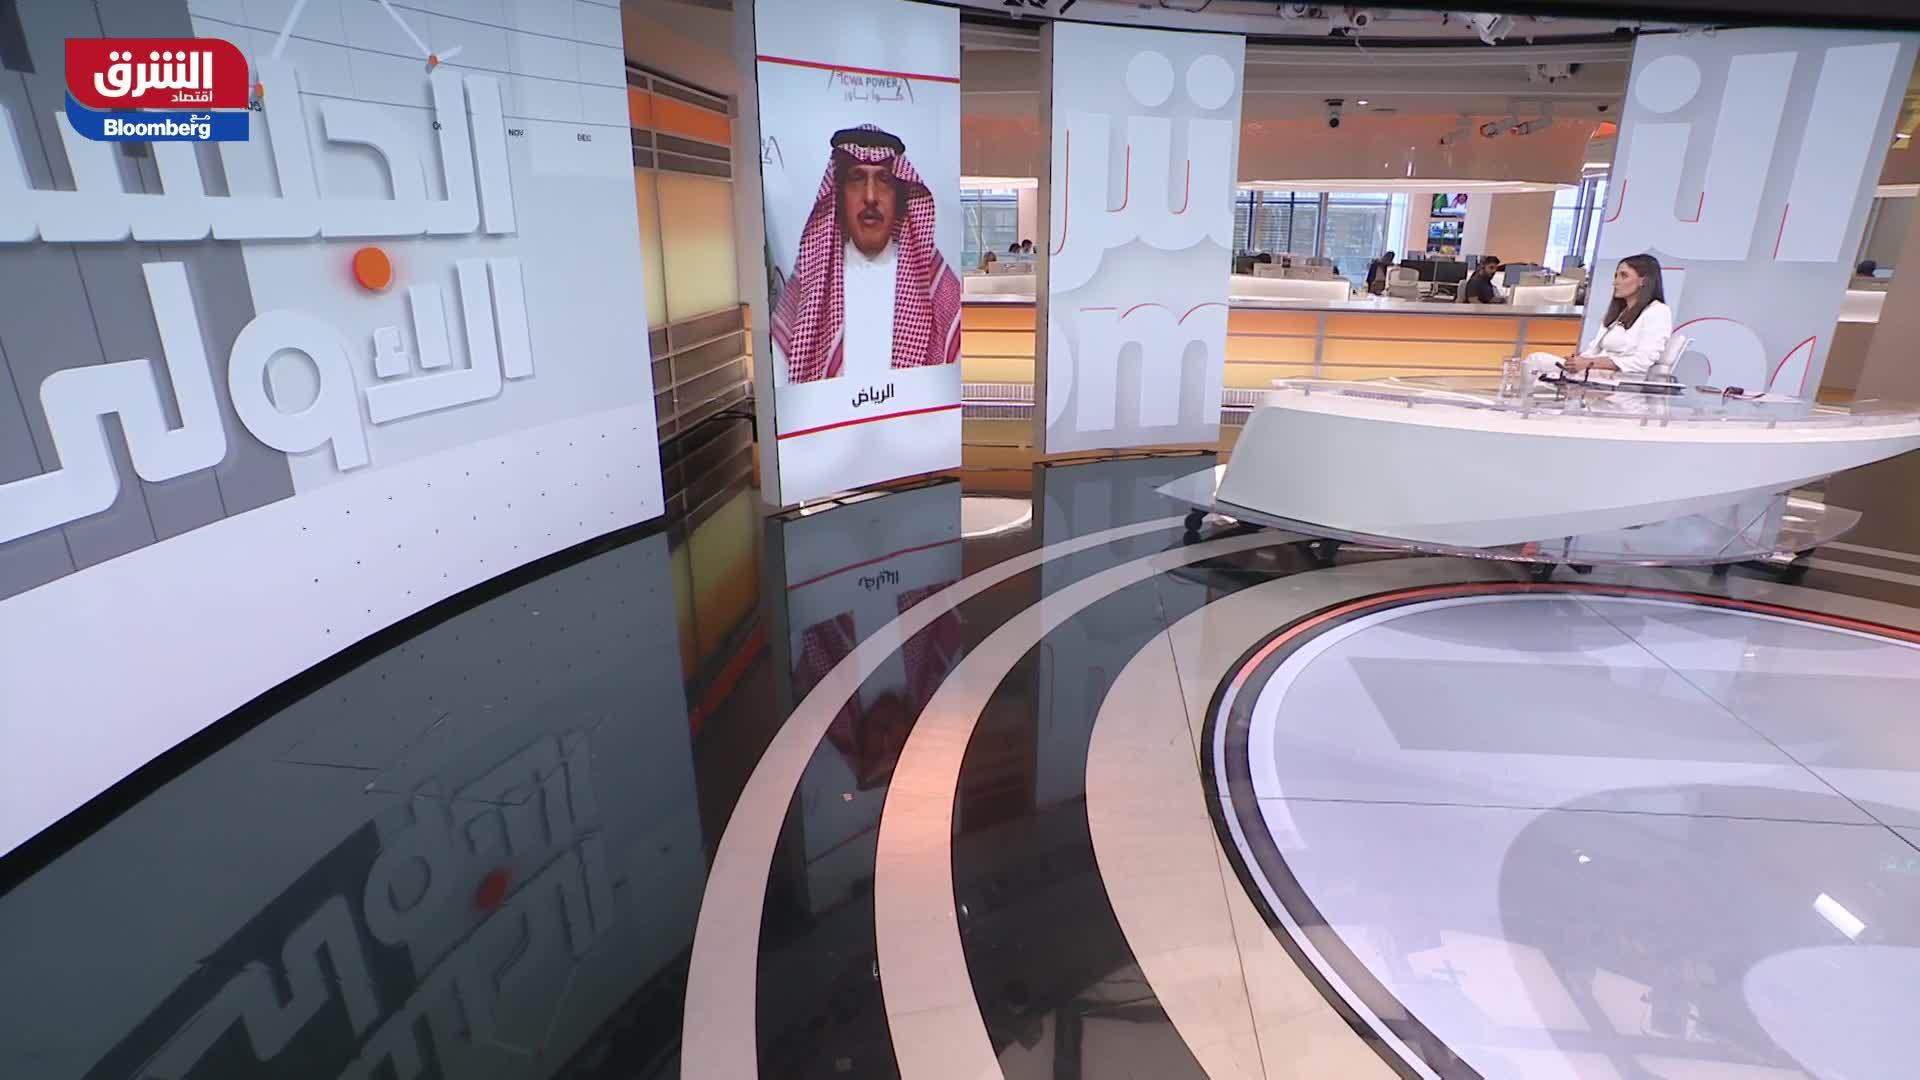 كم تتوقعون نسب الاكتتاب لشركة أكوا باور في السوق السعودي؟